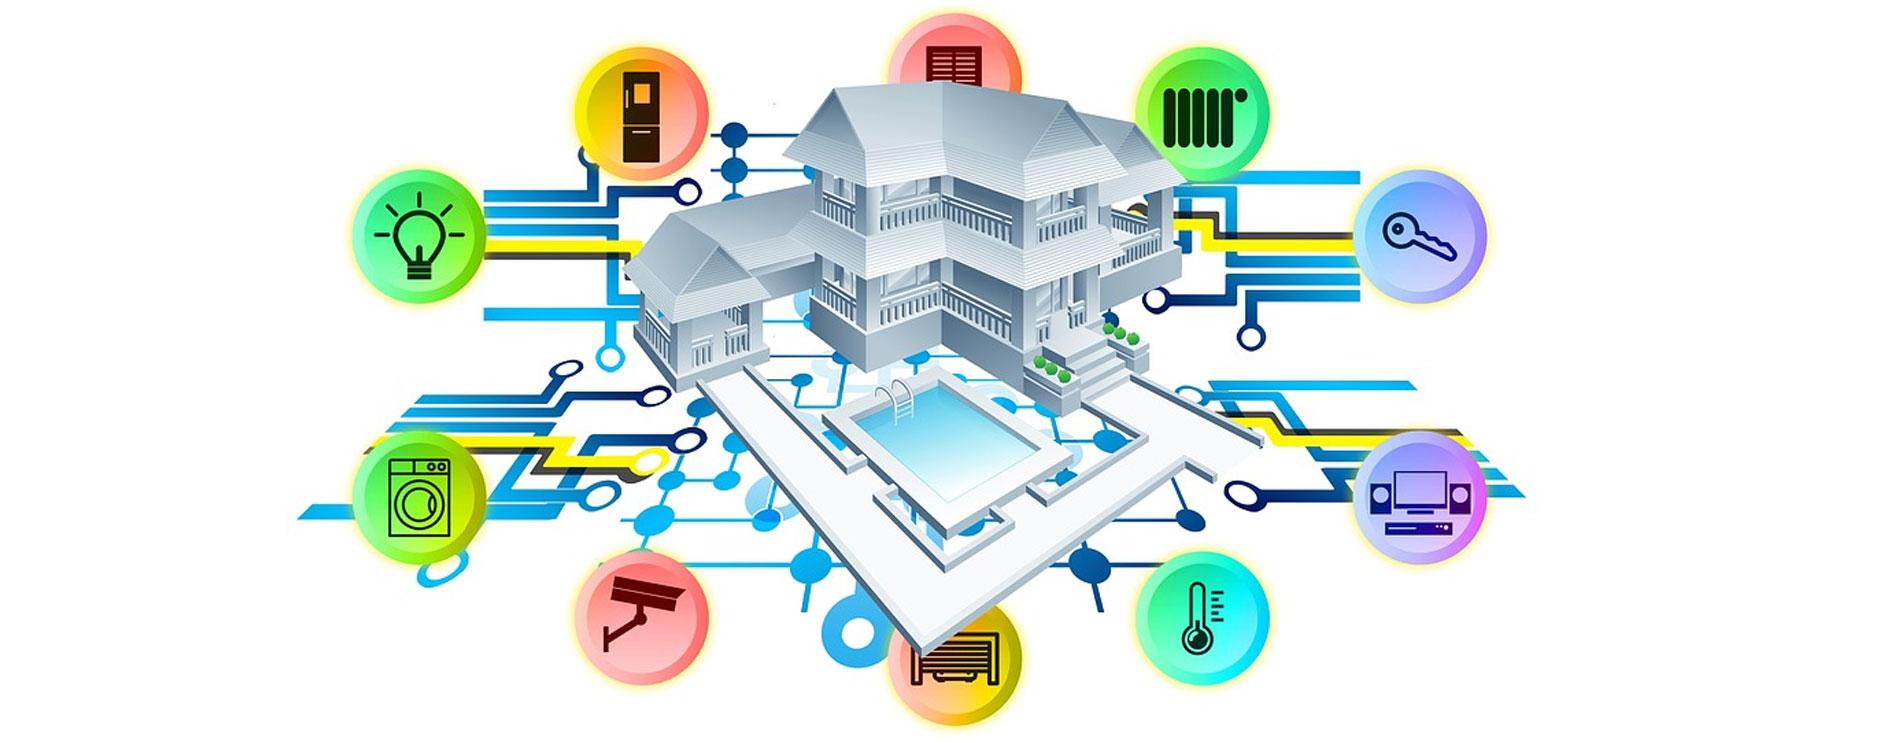 Votre Maison Connectee Par Nos Soins